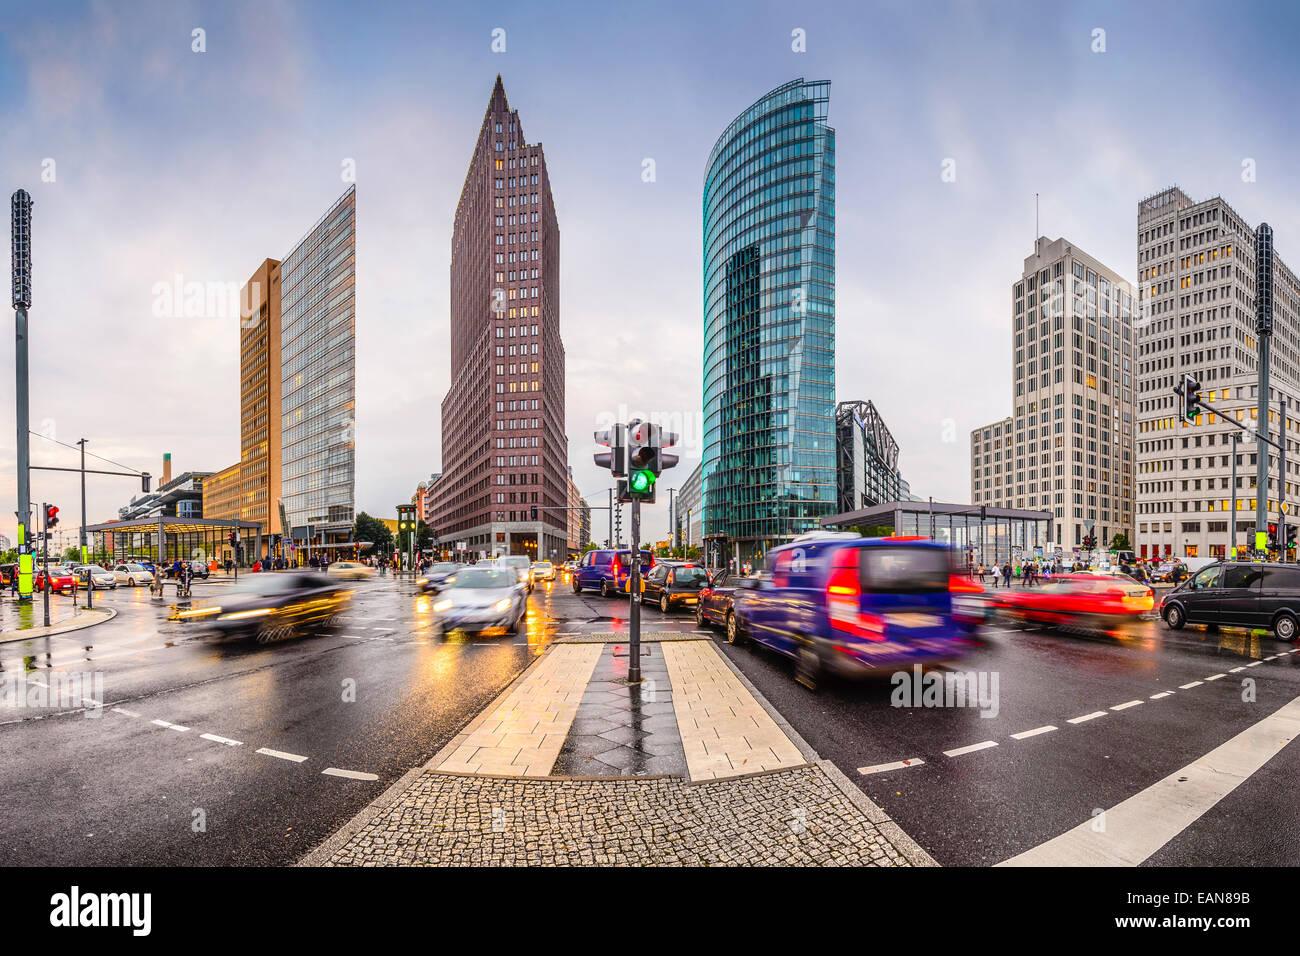 Berlino, Germania skyline della città a Potsdamer Platz il quartiere finanziario. Foto Stock